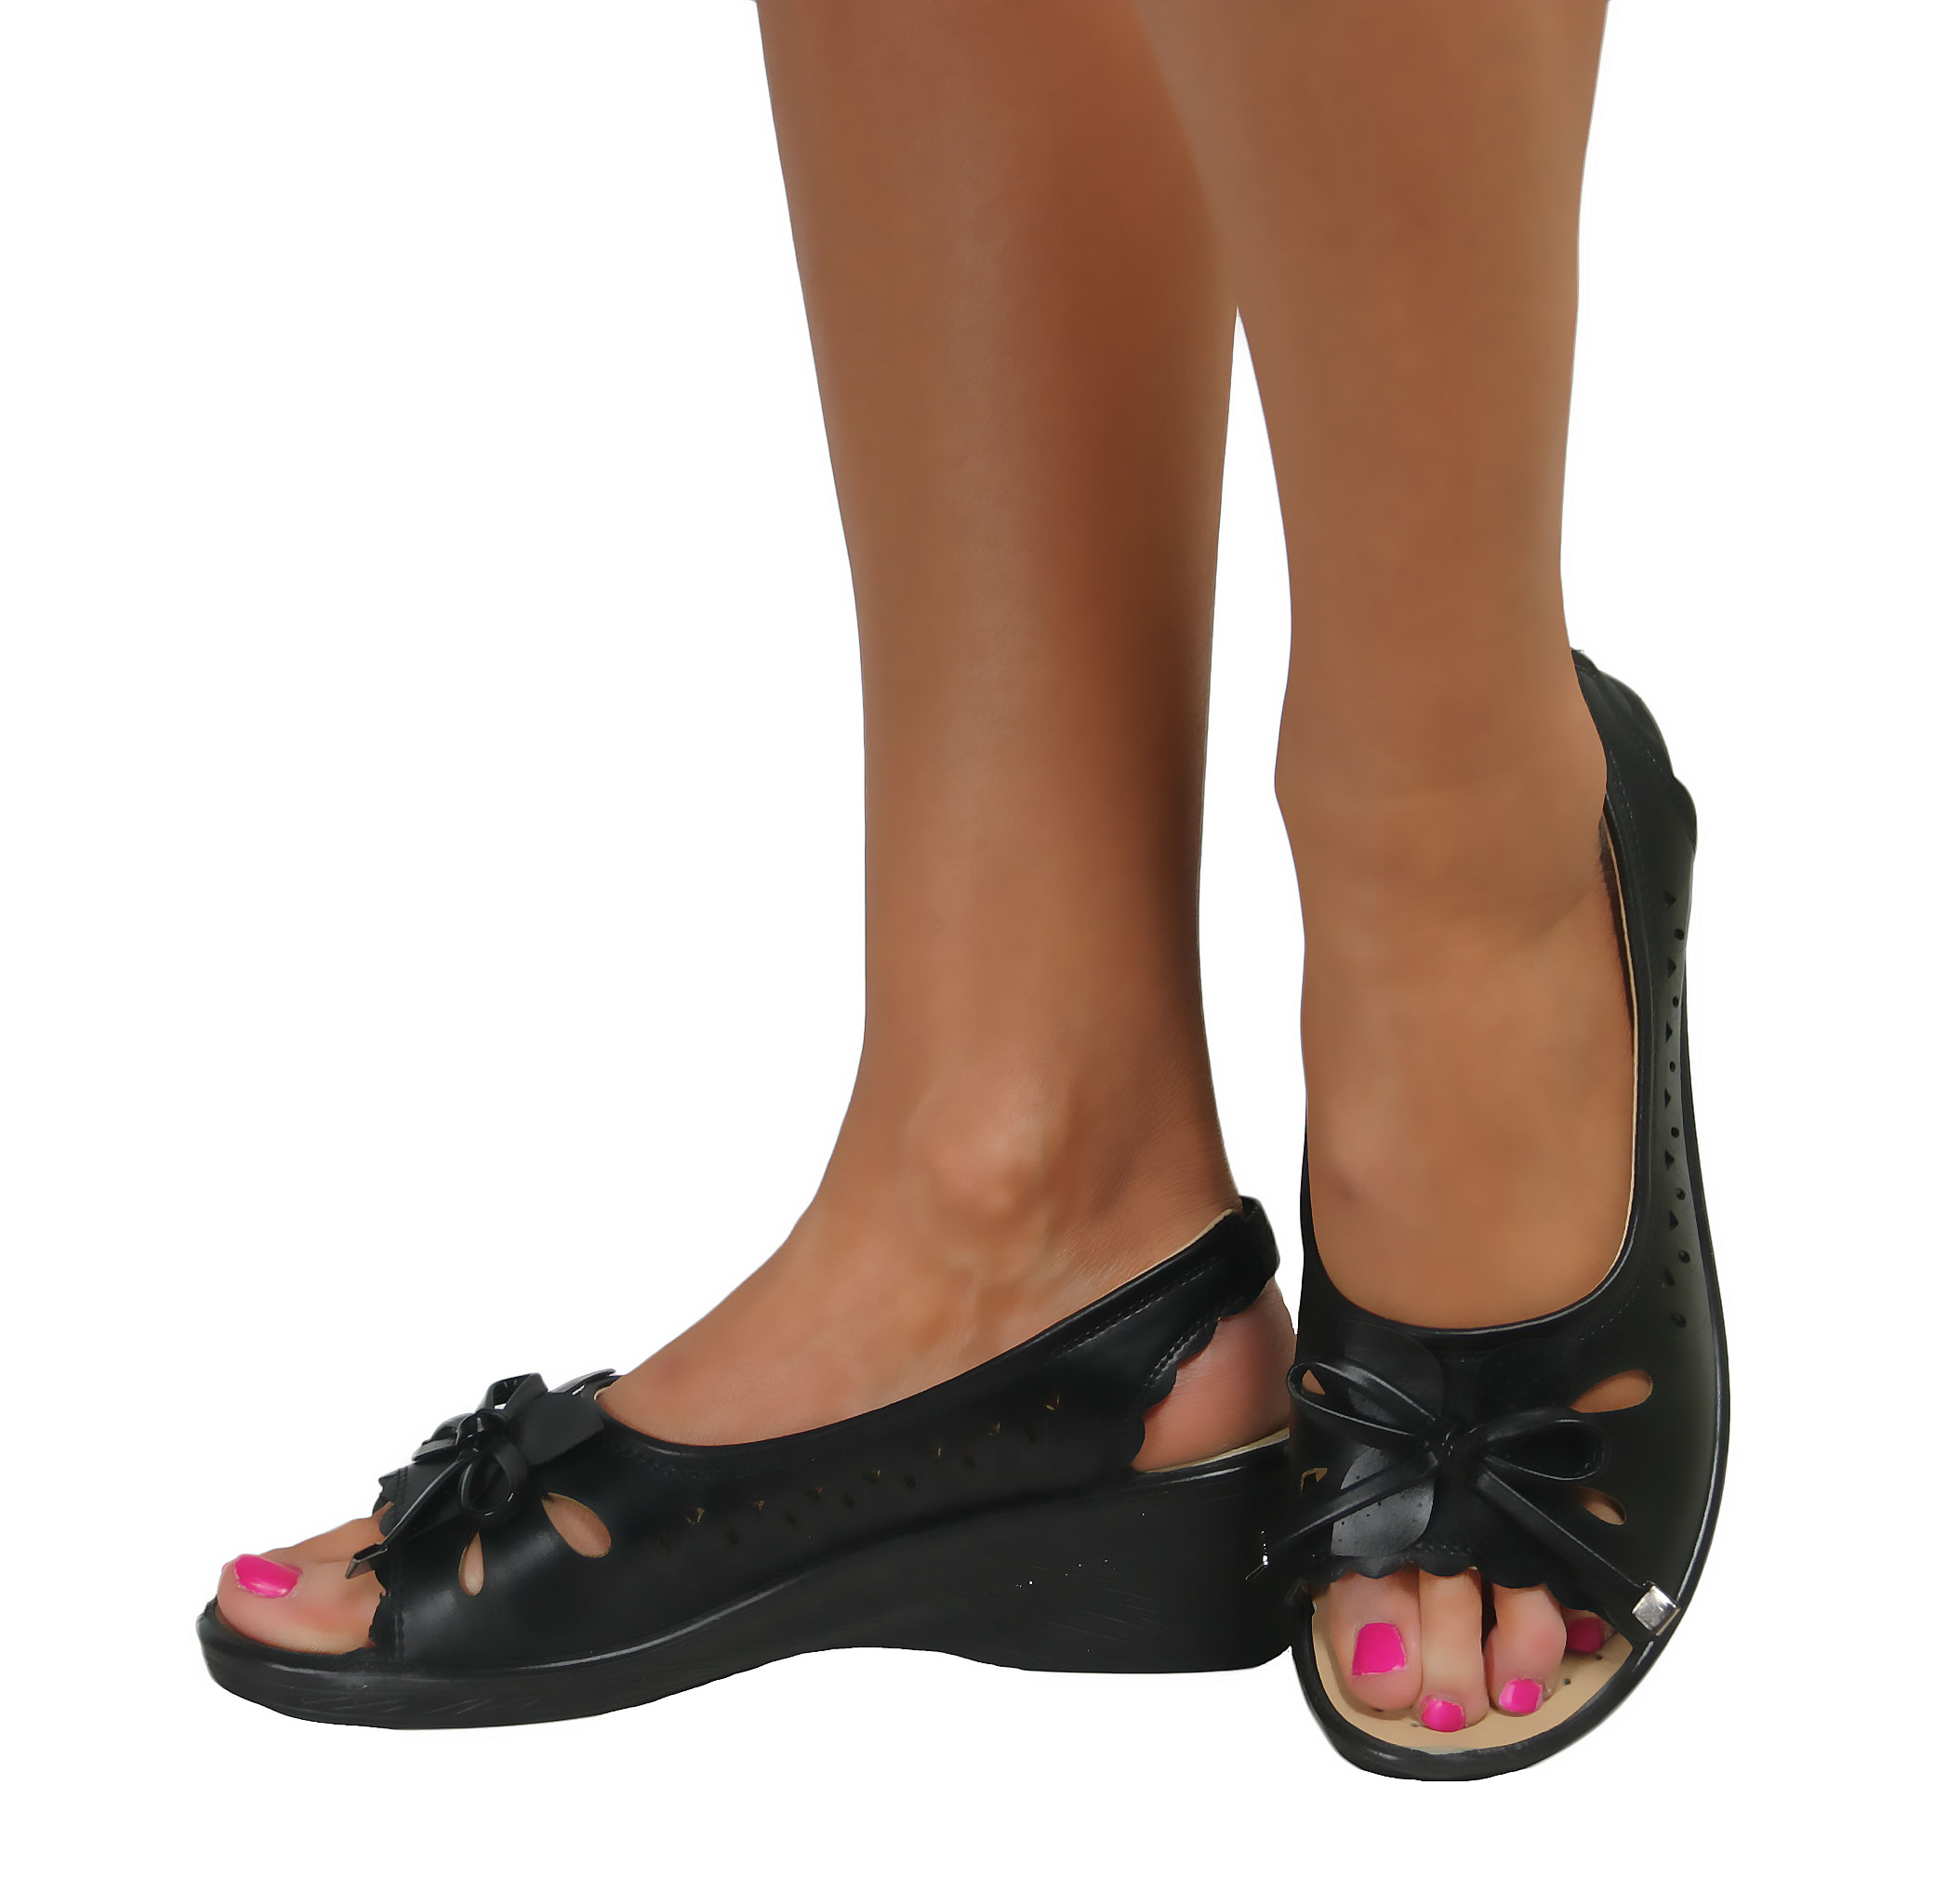 Ladies Wide Fit Casual Slip On Slingback Peep Toe Wedge Low Heel ...